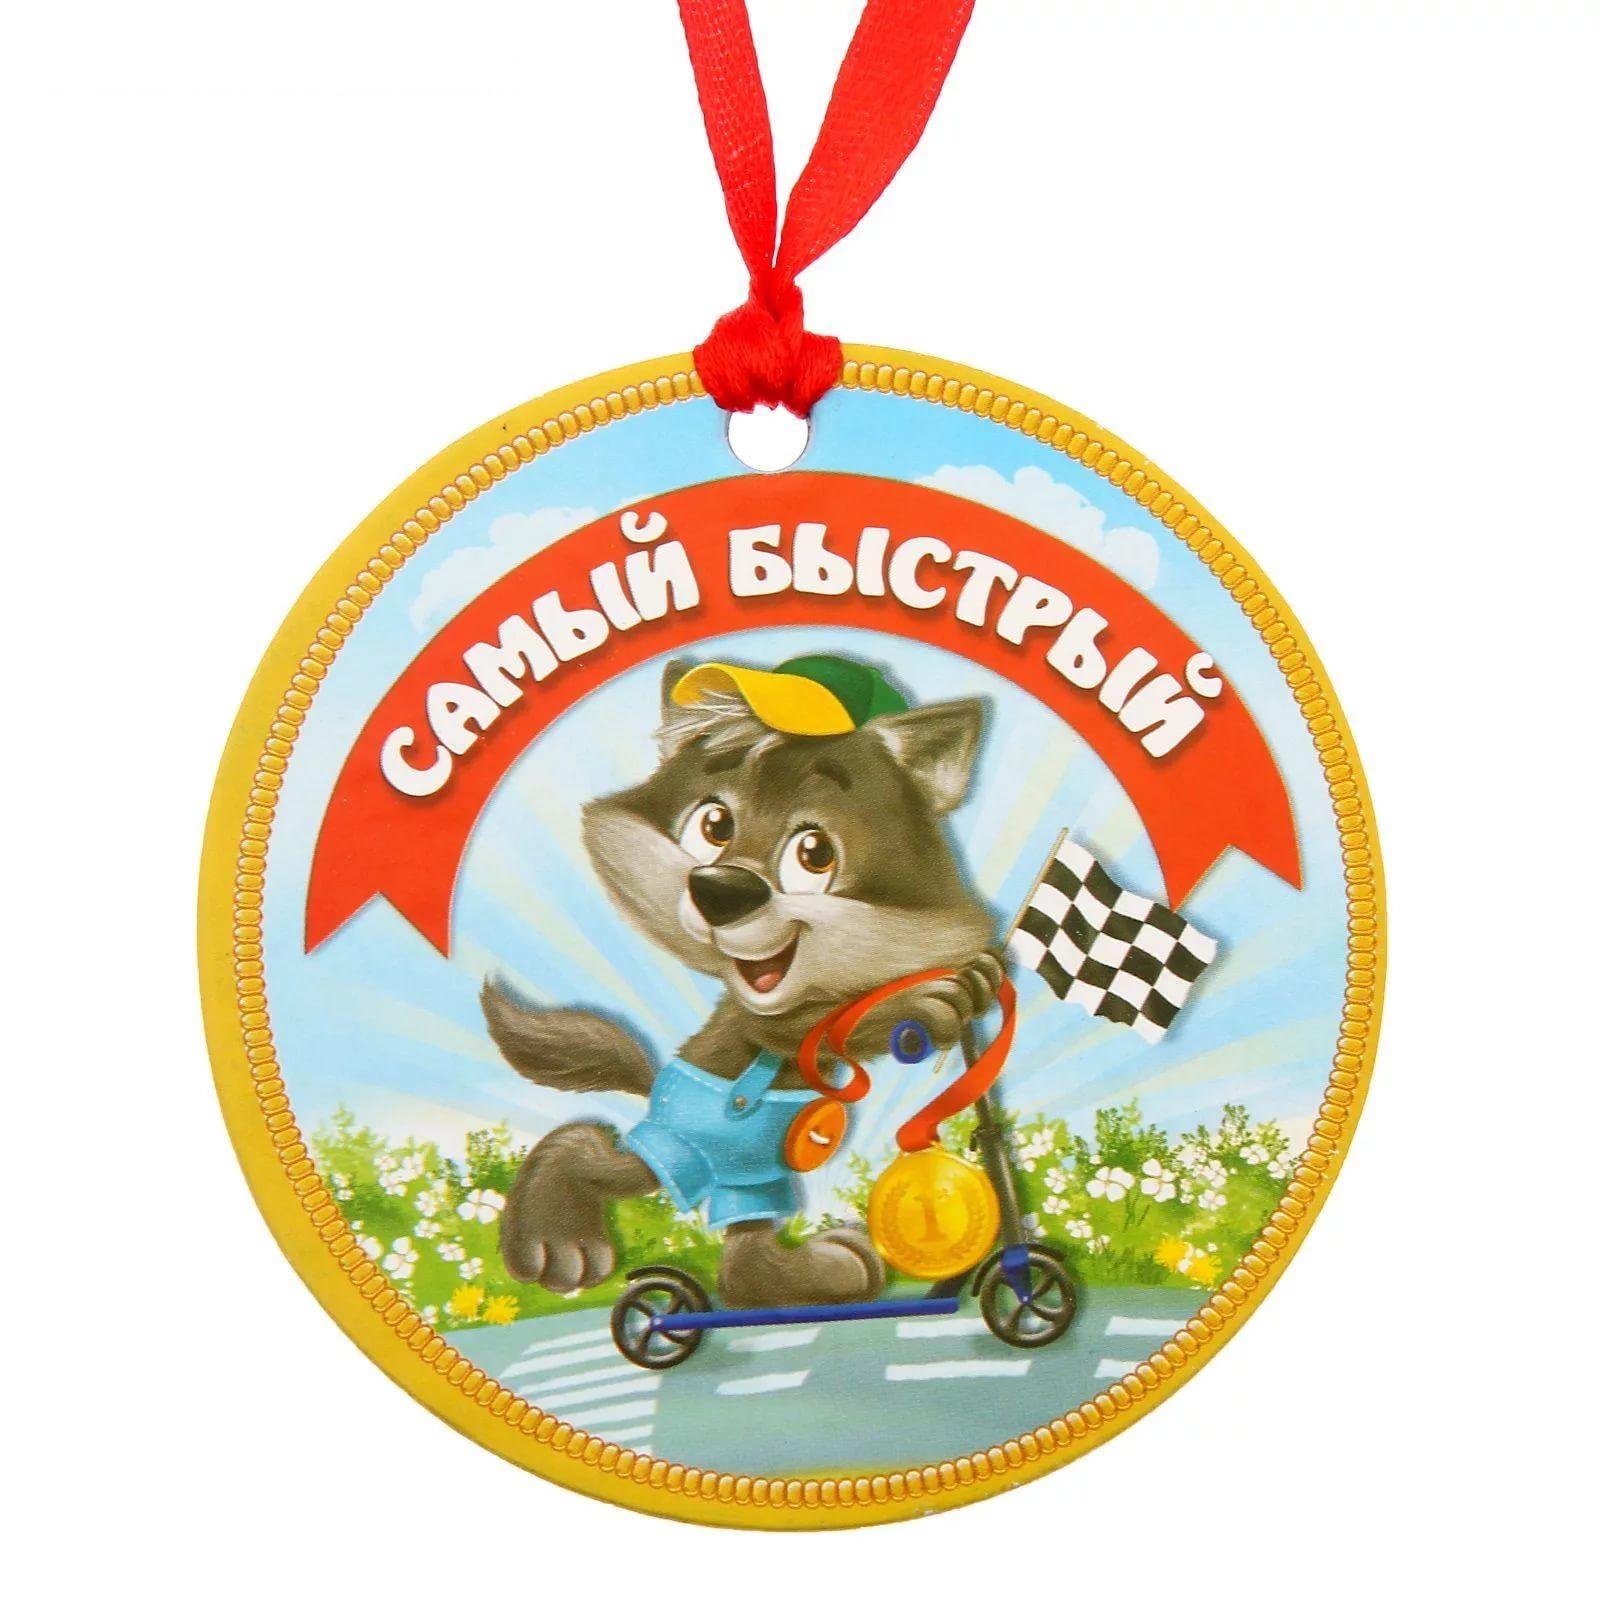 Картинки медальки для детей спортивные, английском языке подруге